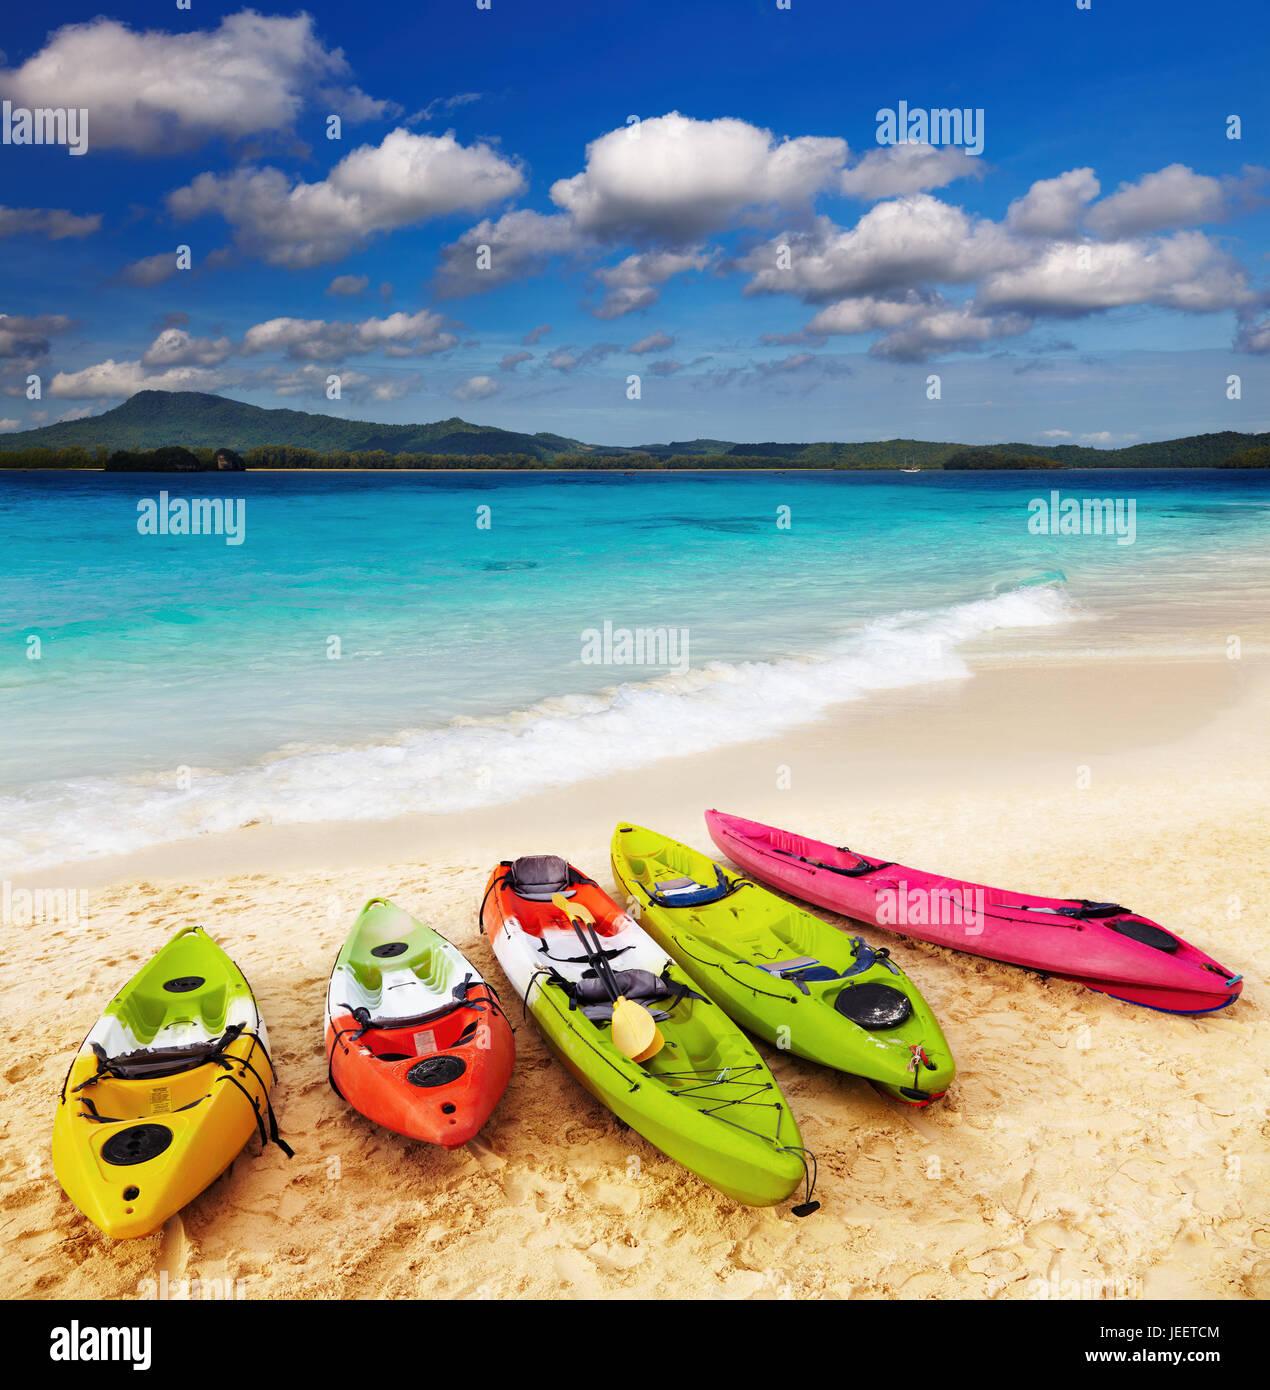 Bunte Kajaks am tropischen Strand Stockbild